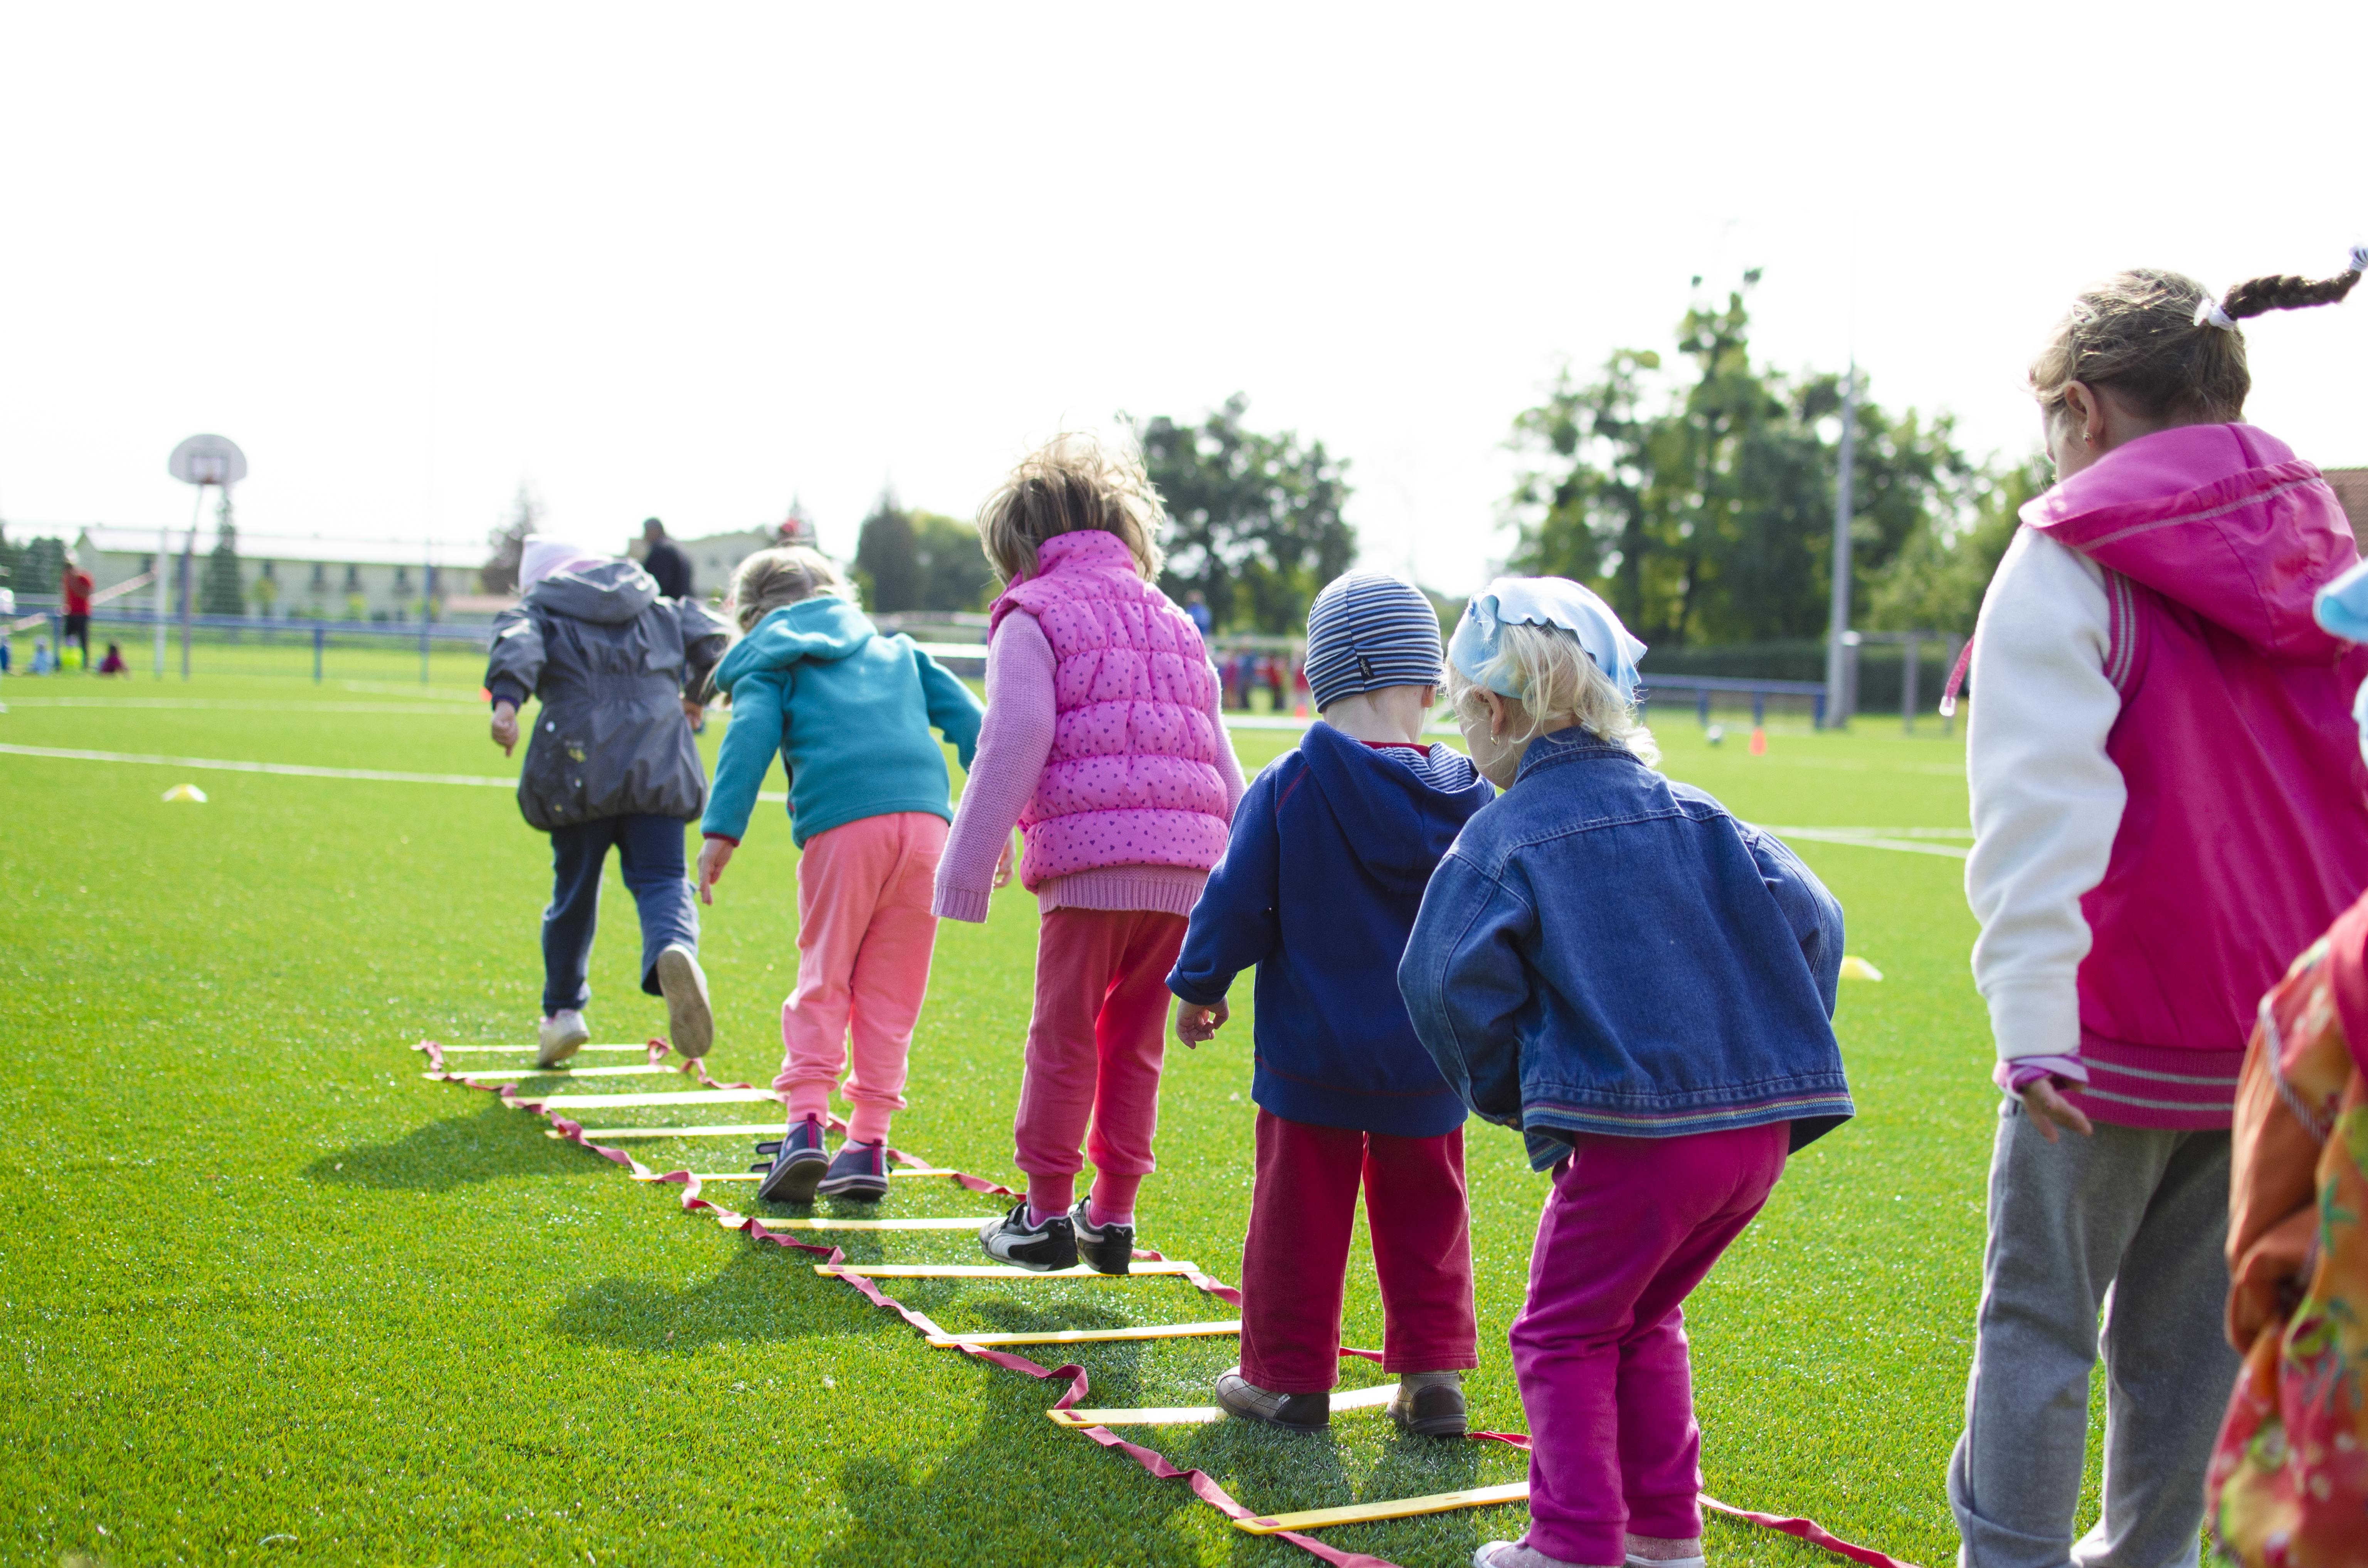 Dzieci grające w grę przypominającą klasy. Zdjęcie ilustruje artykuł pod tytułem Wysokość alimentów - jak określić?